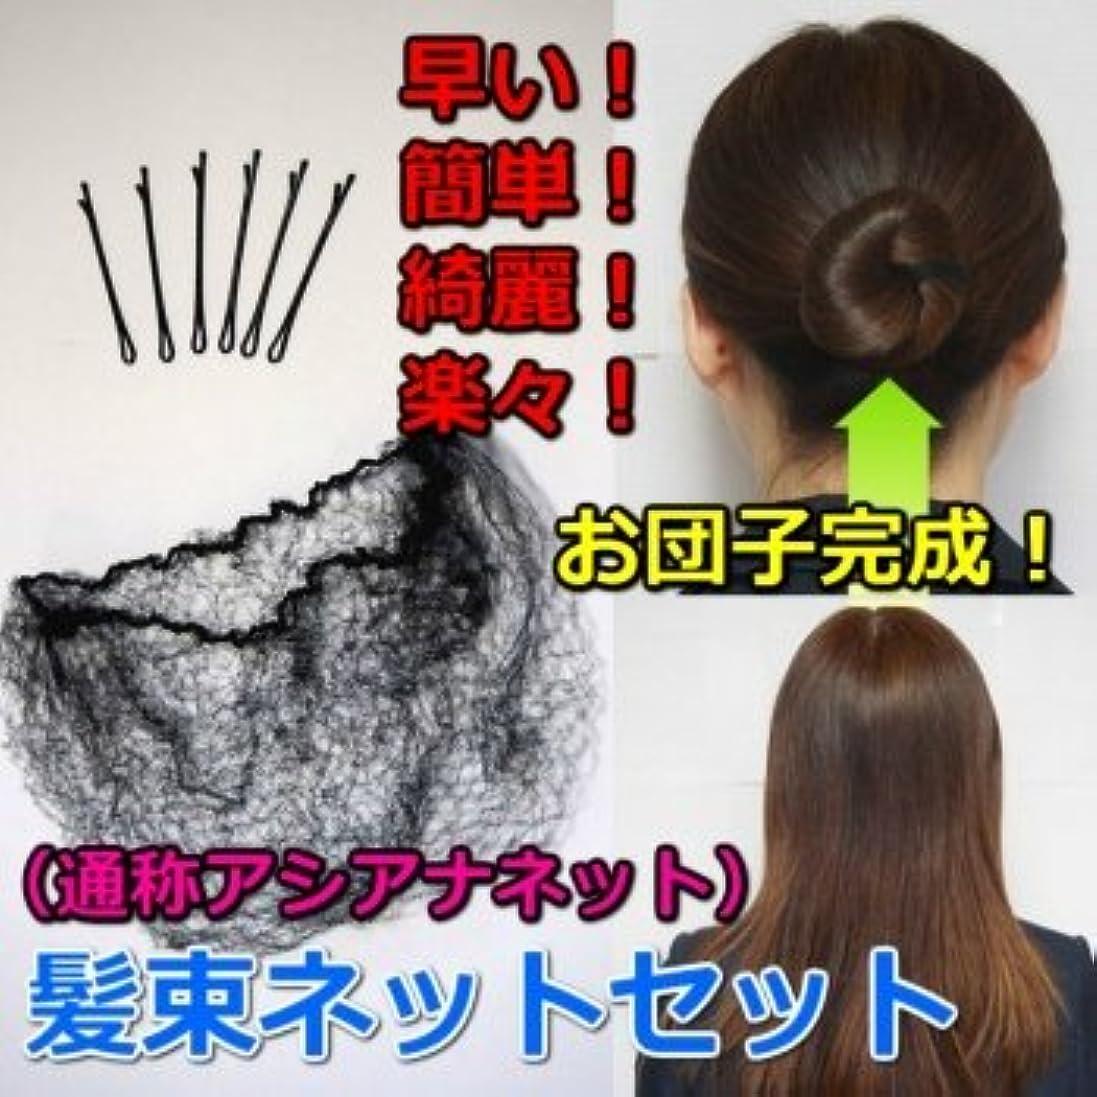 バースト同化津波髪束ねネットセット(アシアナネット) 50枚セット